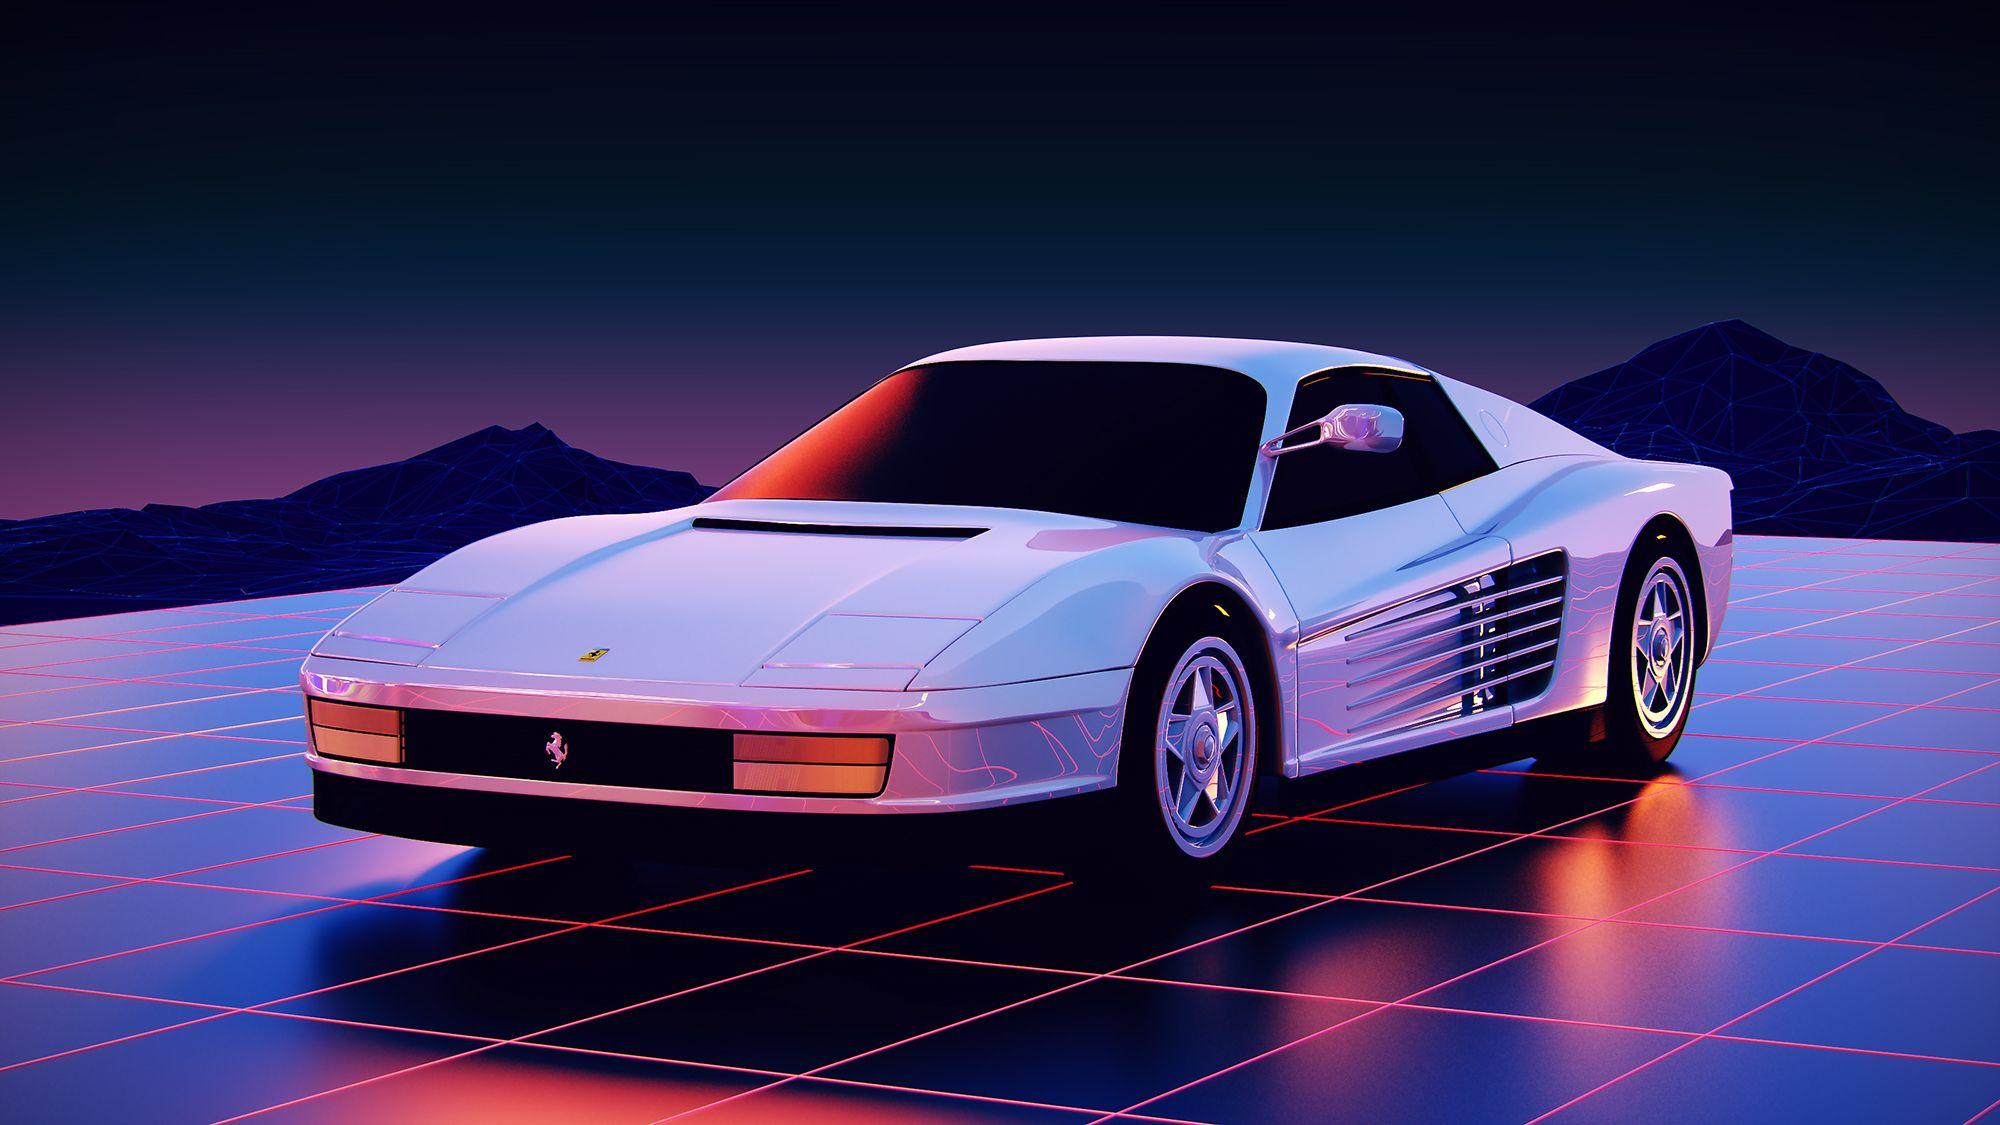 1986 Ferrari Testarossa In All Its Retro Glory Imgur Ferrari Testarossa Retro Cars Ferrari